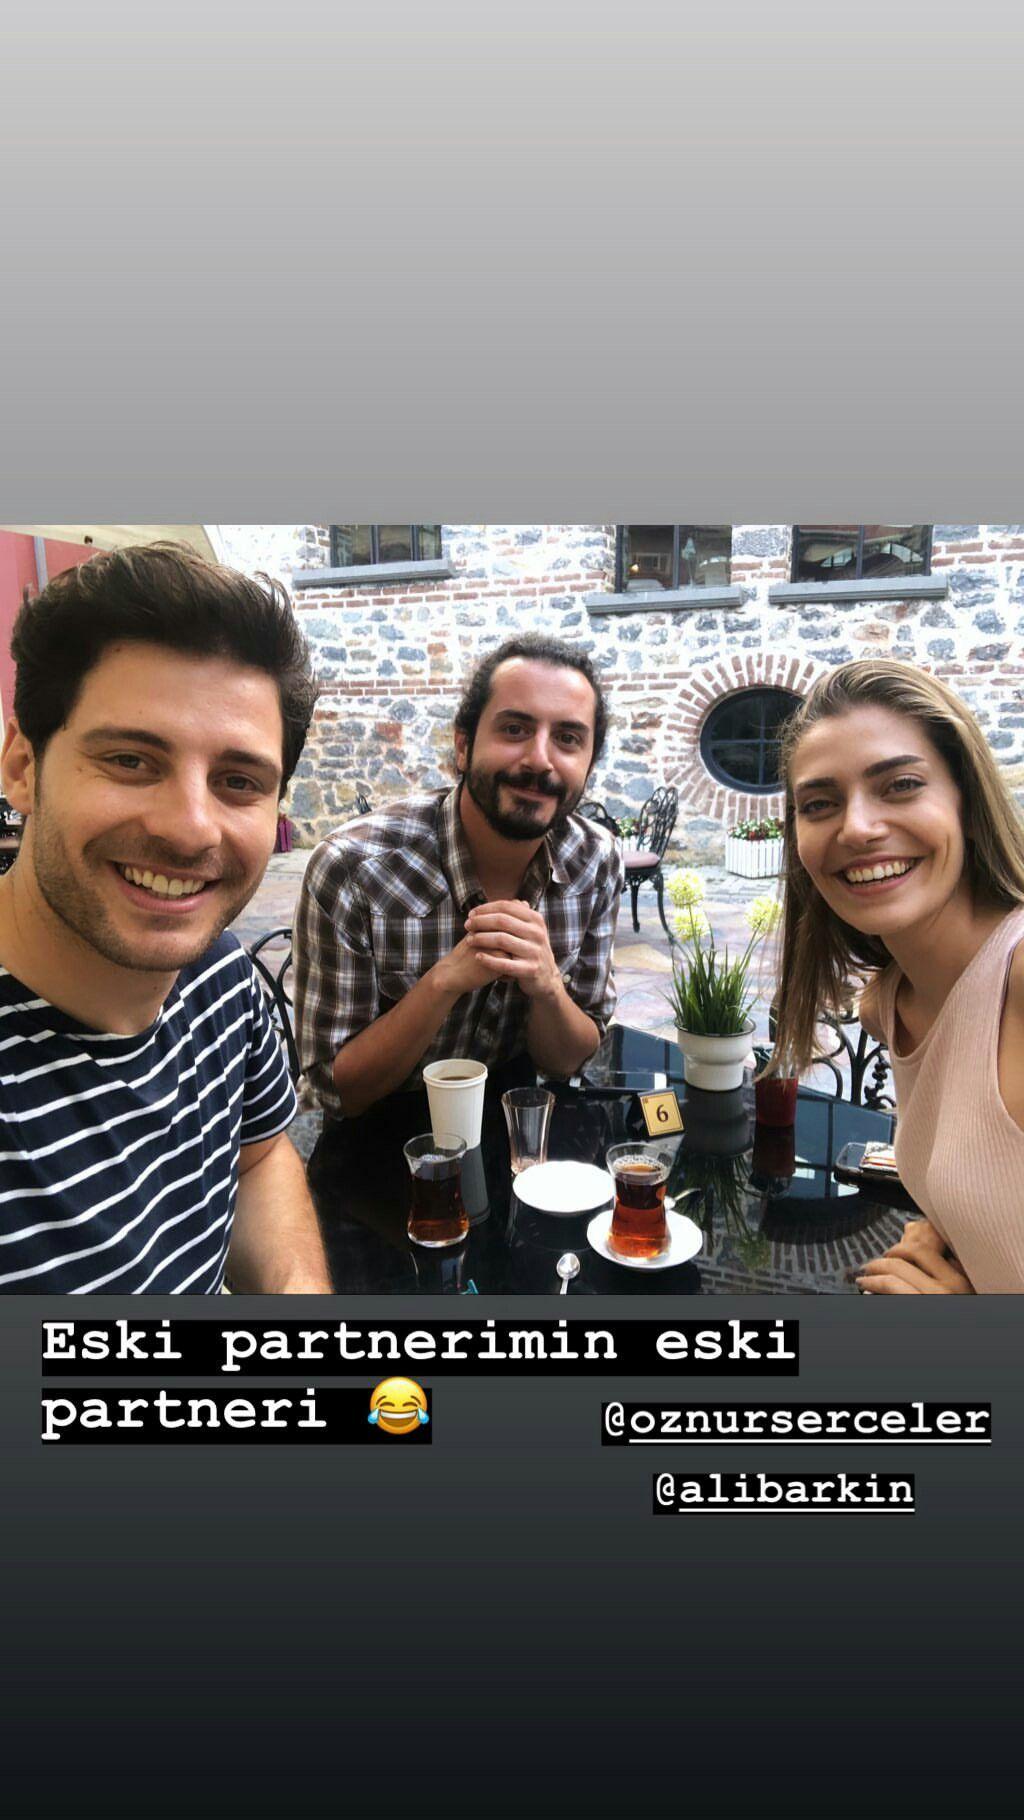 Nezihe Ucar Adli Kullanicinin Turkie Panosundaki Pin Unluler Yerler